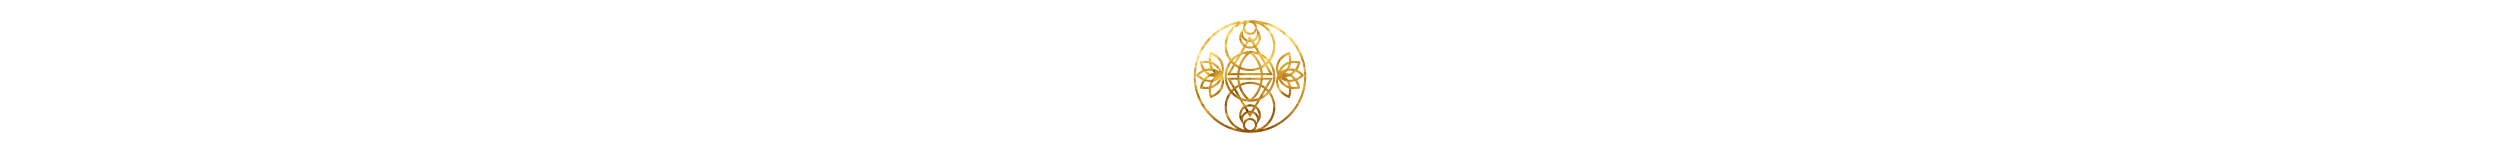 Divine renewal Symbol